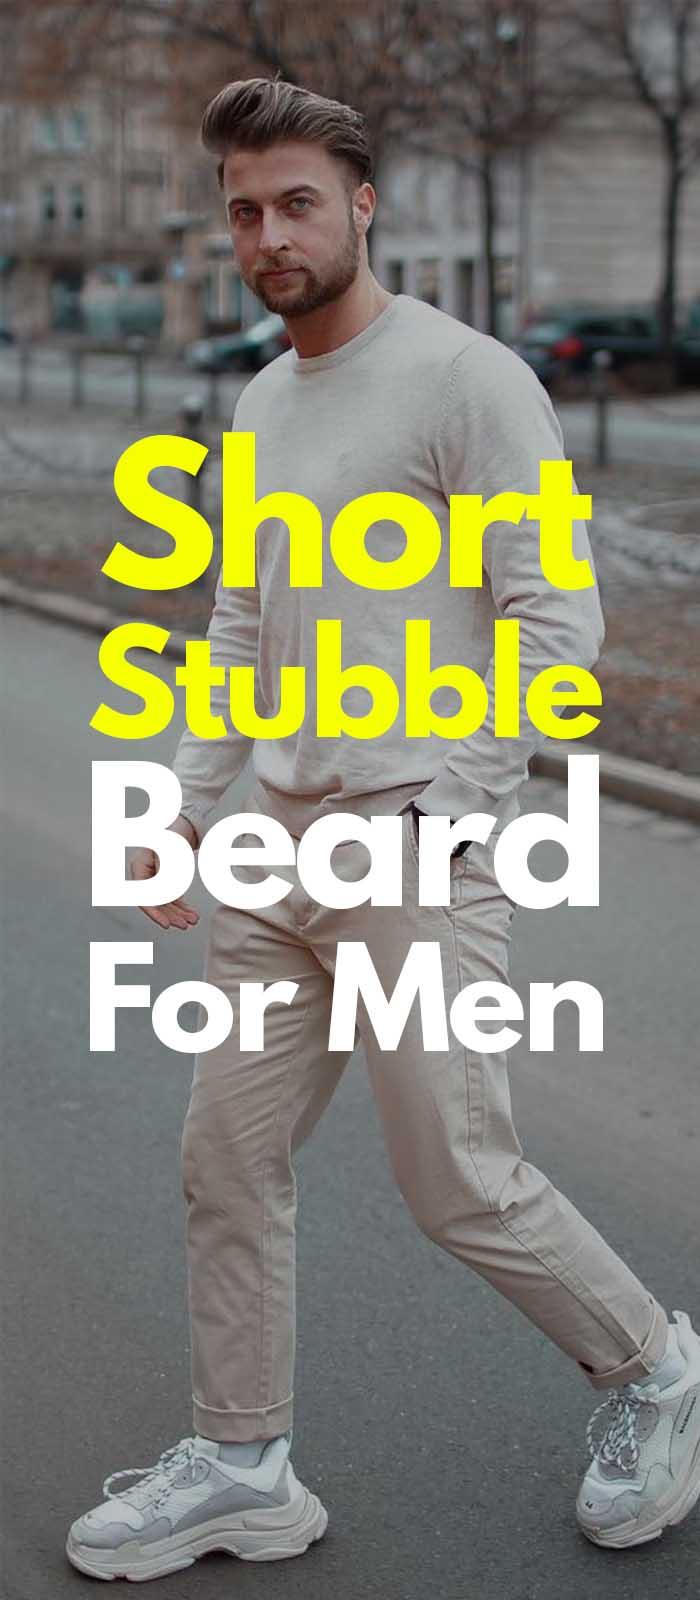 Short Stubble beard for men!